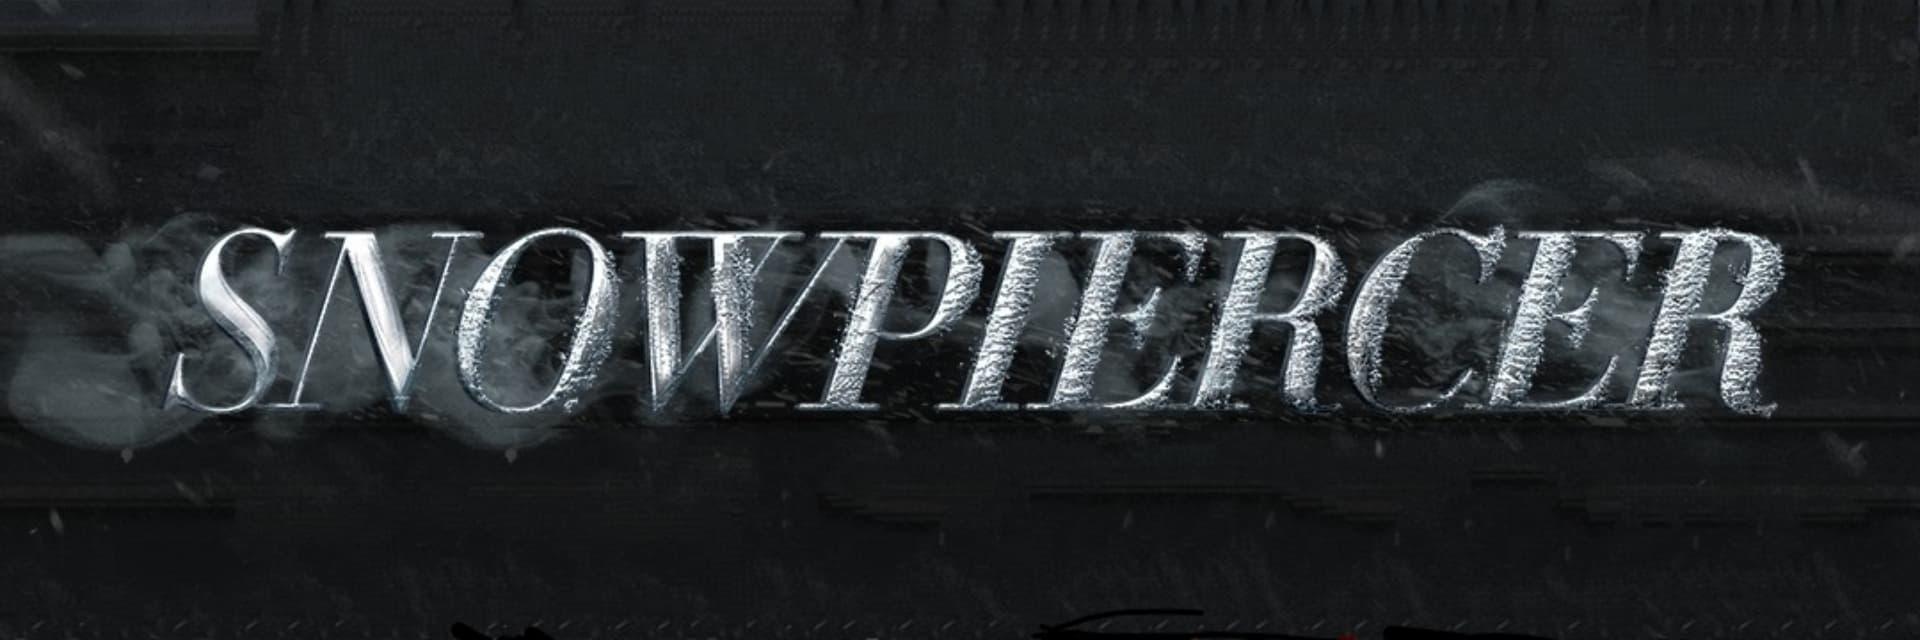 ซีรีส์ Snowpiercer